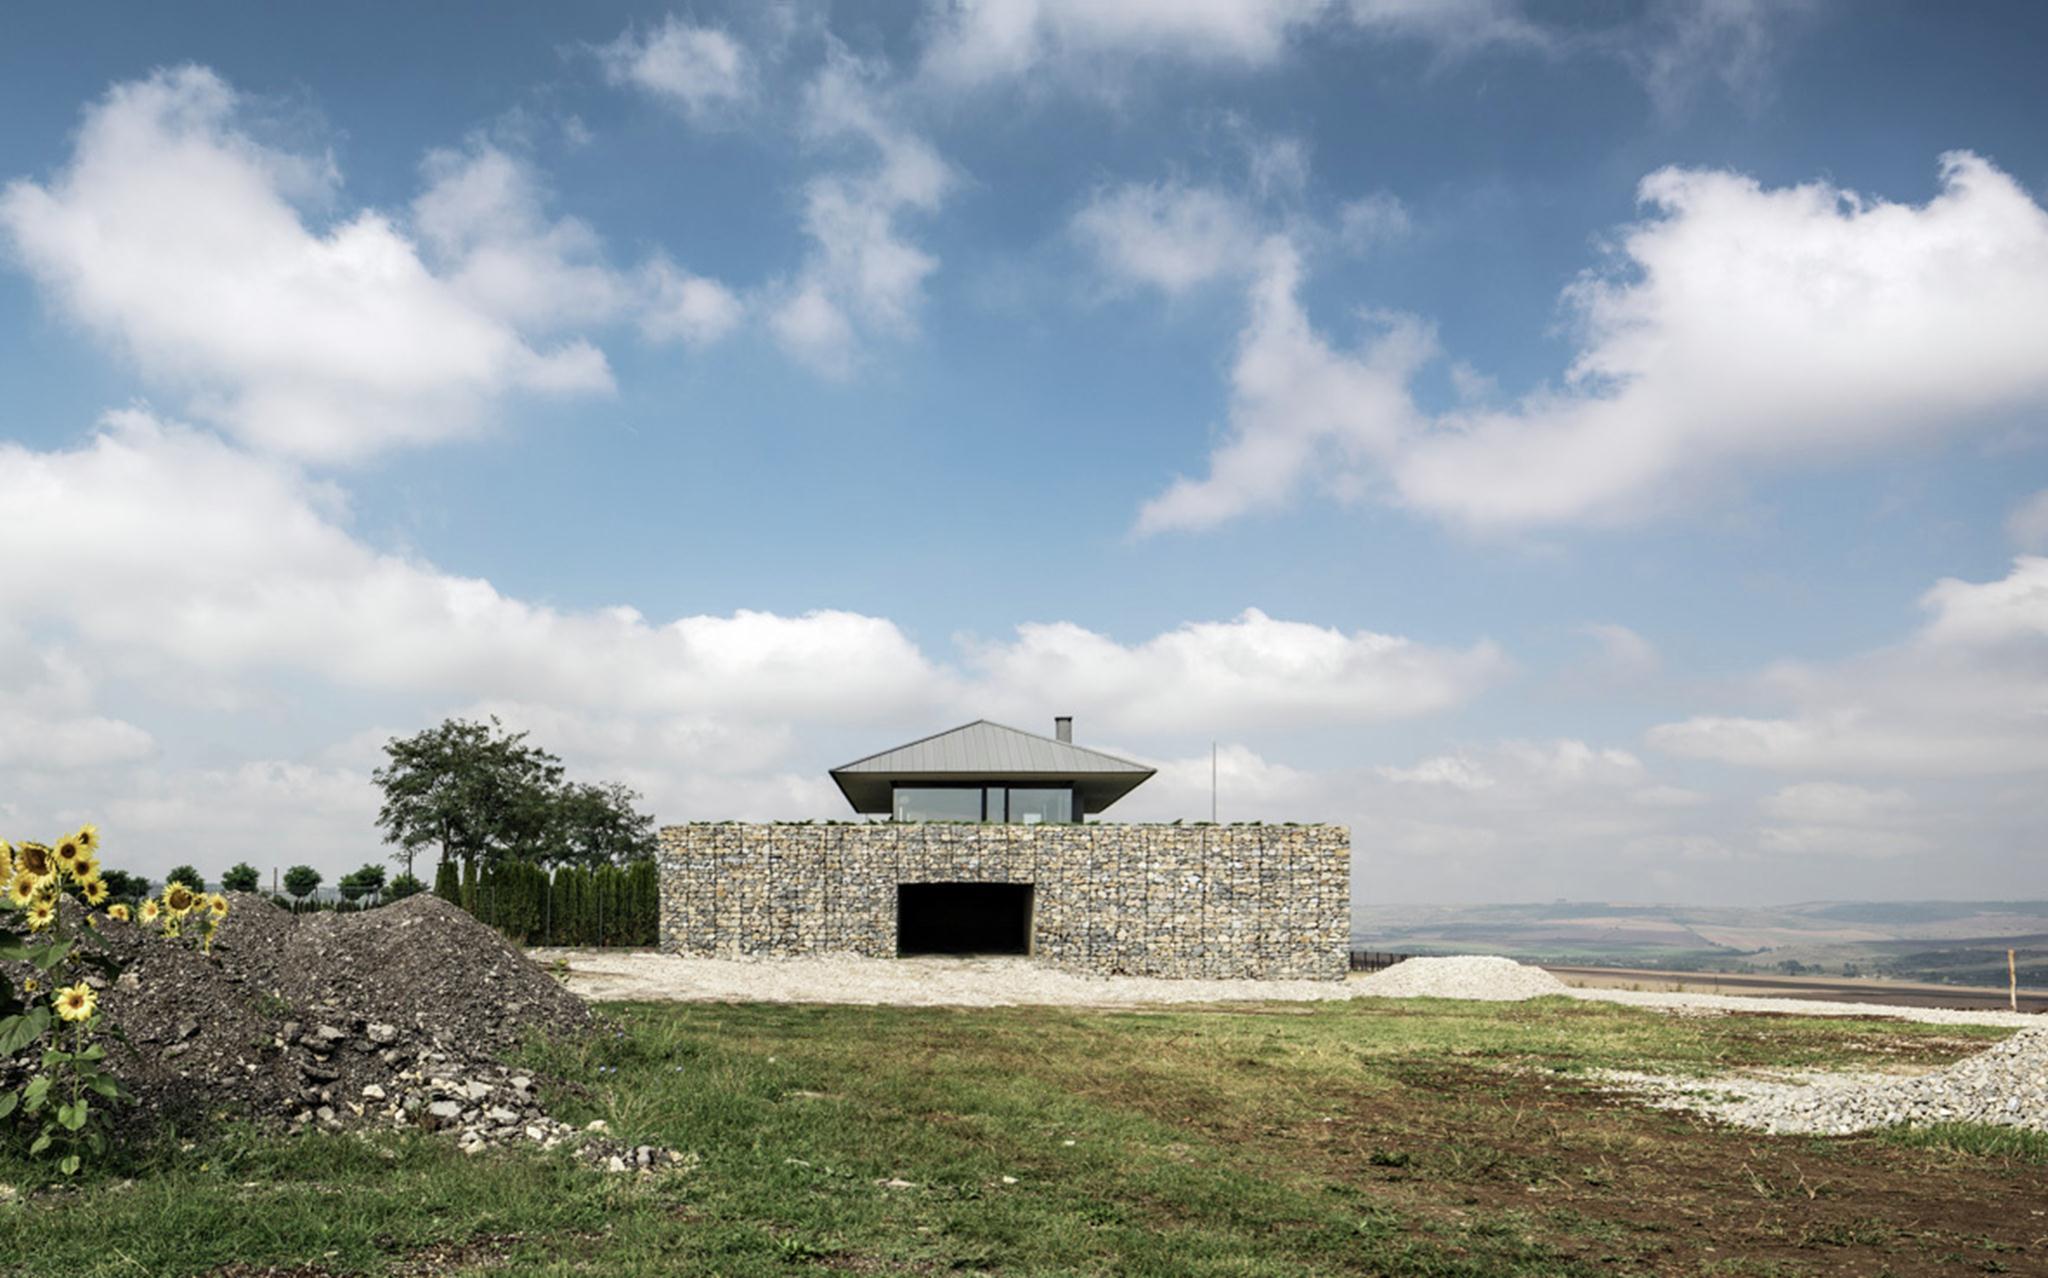 Đây là thiết kế của các kiến trúc sư Viara Jeliazkova, Georgi Katov, Stefan Apostolov người Bulgaria.